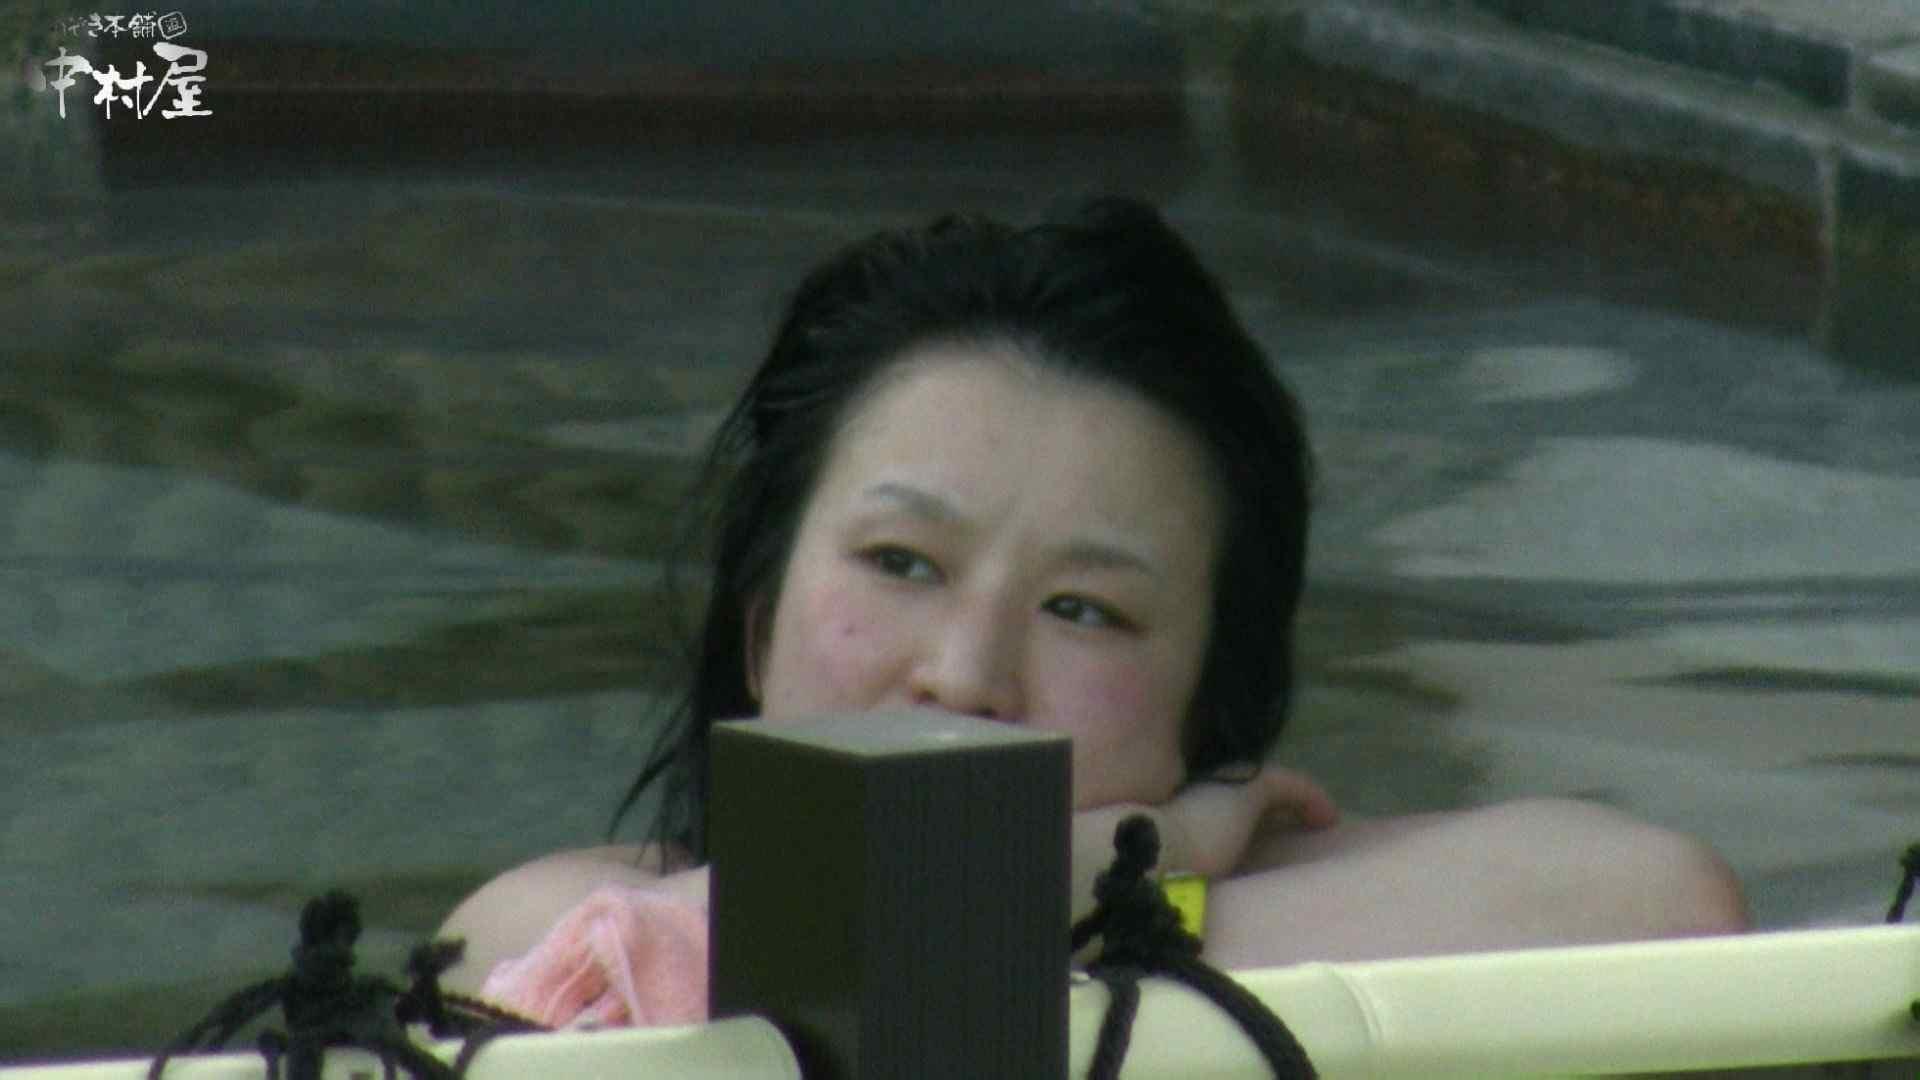 Aquaな露天風呂Vol.982 美しいOLの裸体  78pic 57